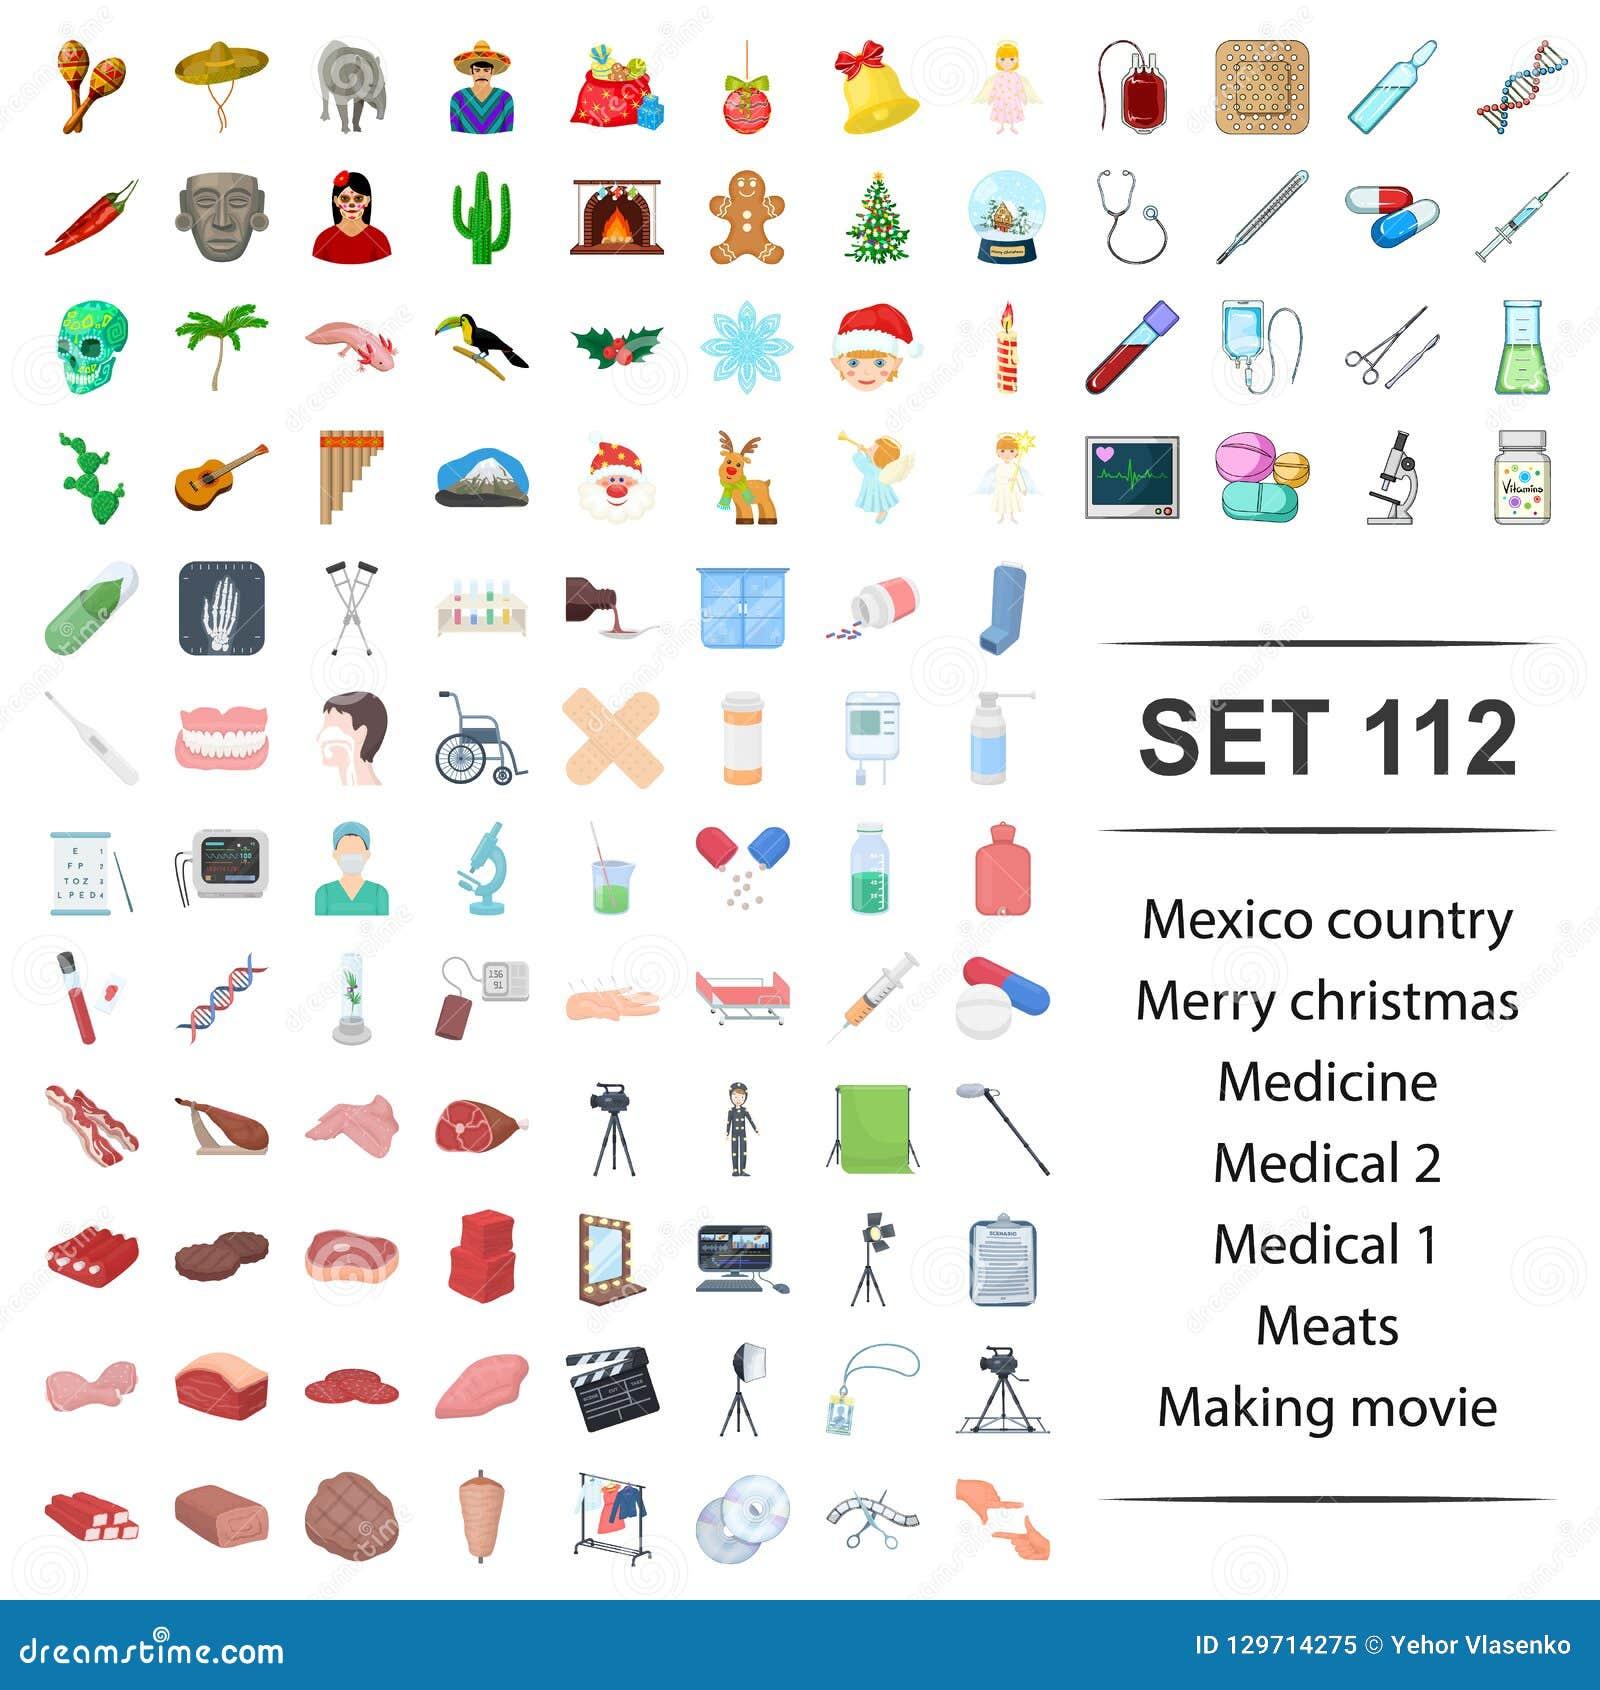 Vectorillustratie van Mexico, vrolijk land, Kerstmis die, geneeskunde medisch vlees de reeks van het filmpictogram maken